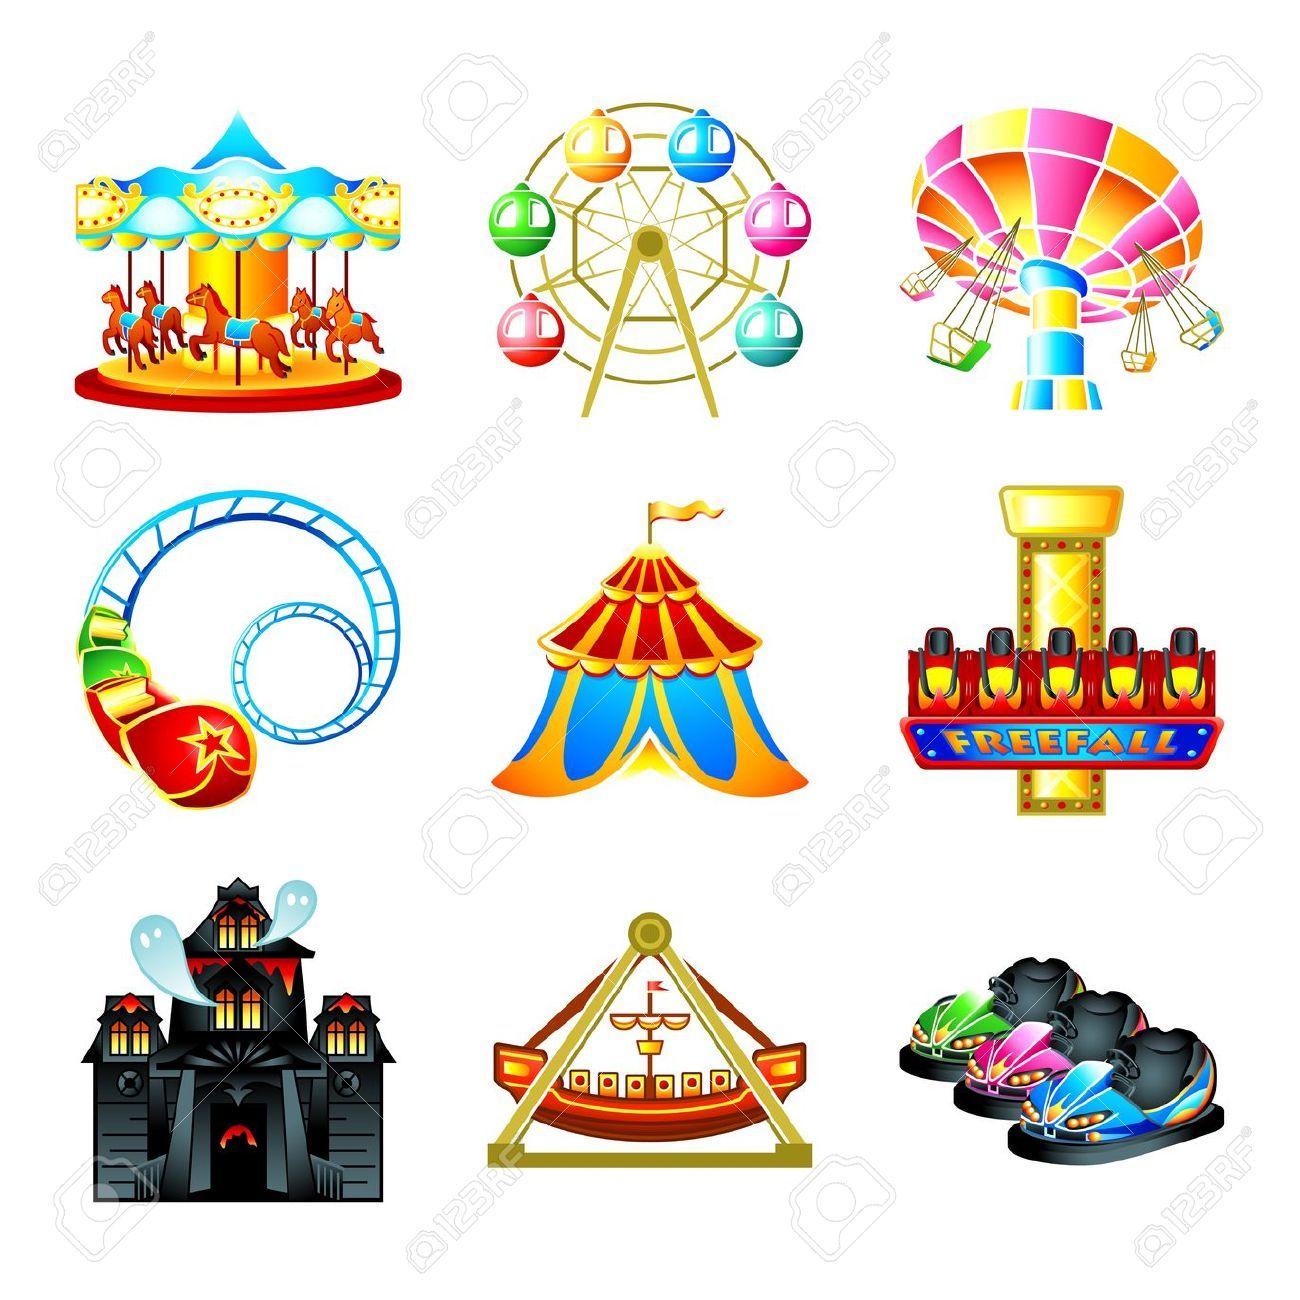 Amusement park rides clipart » Clipart Portal.